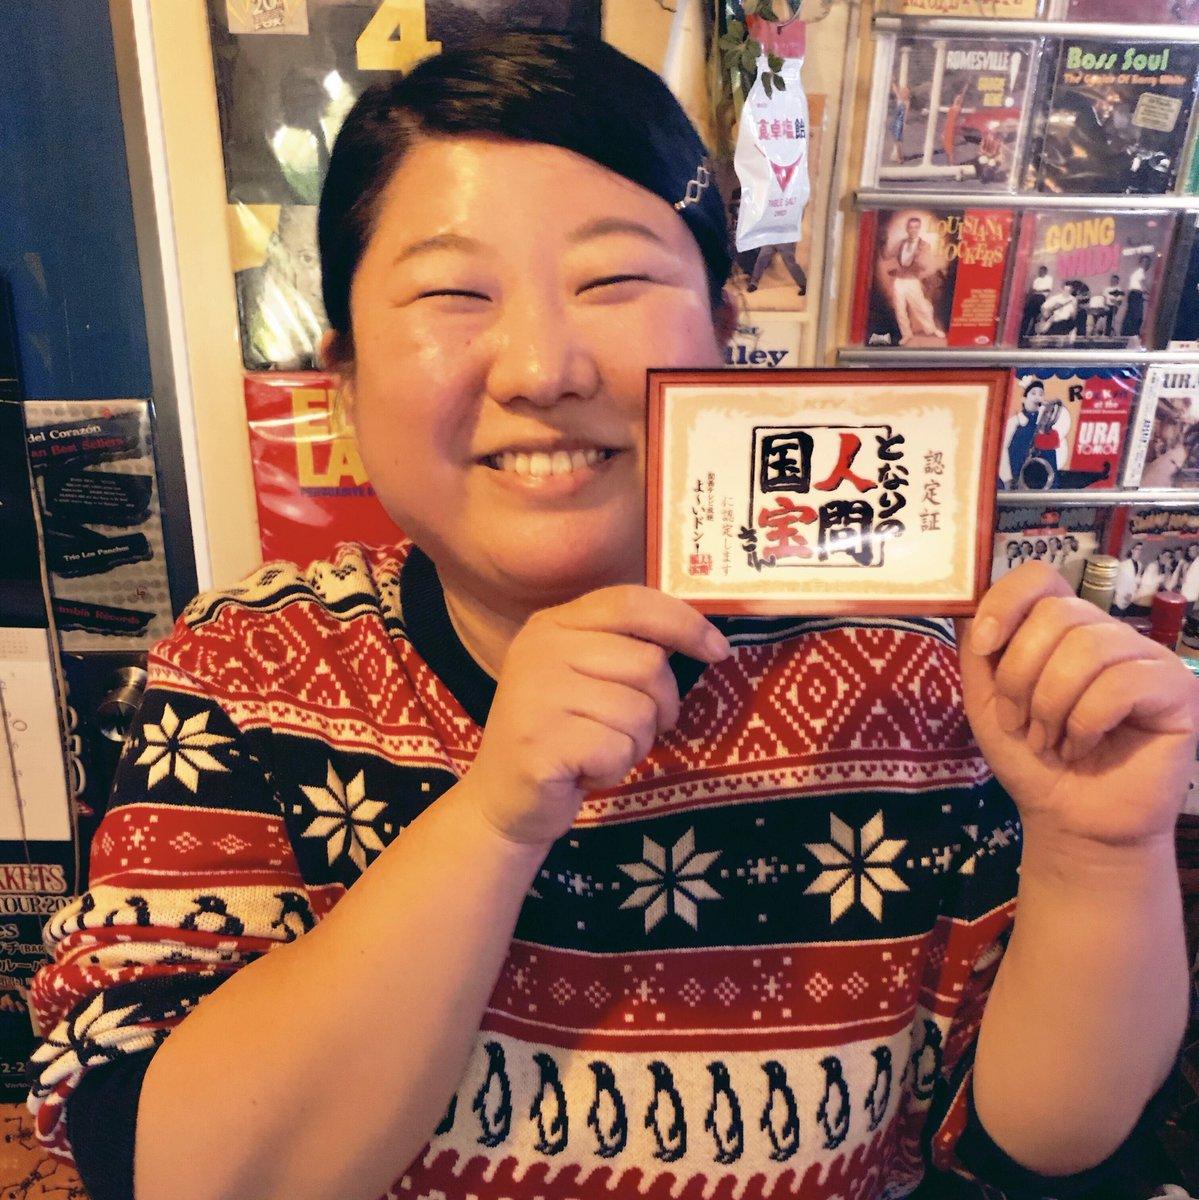 の 人間 国宝 となり 関西テレビ「よ~いドン!」となりの人間国宝さんに明石が登場!3/4・3/5の2日連続で特集!